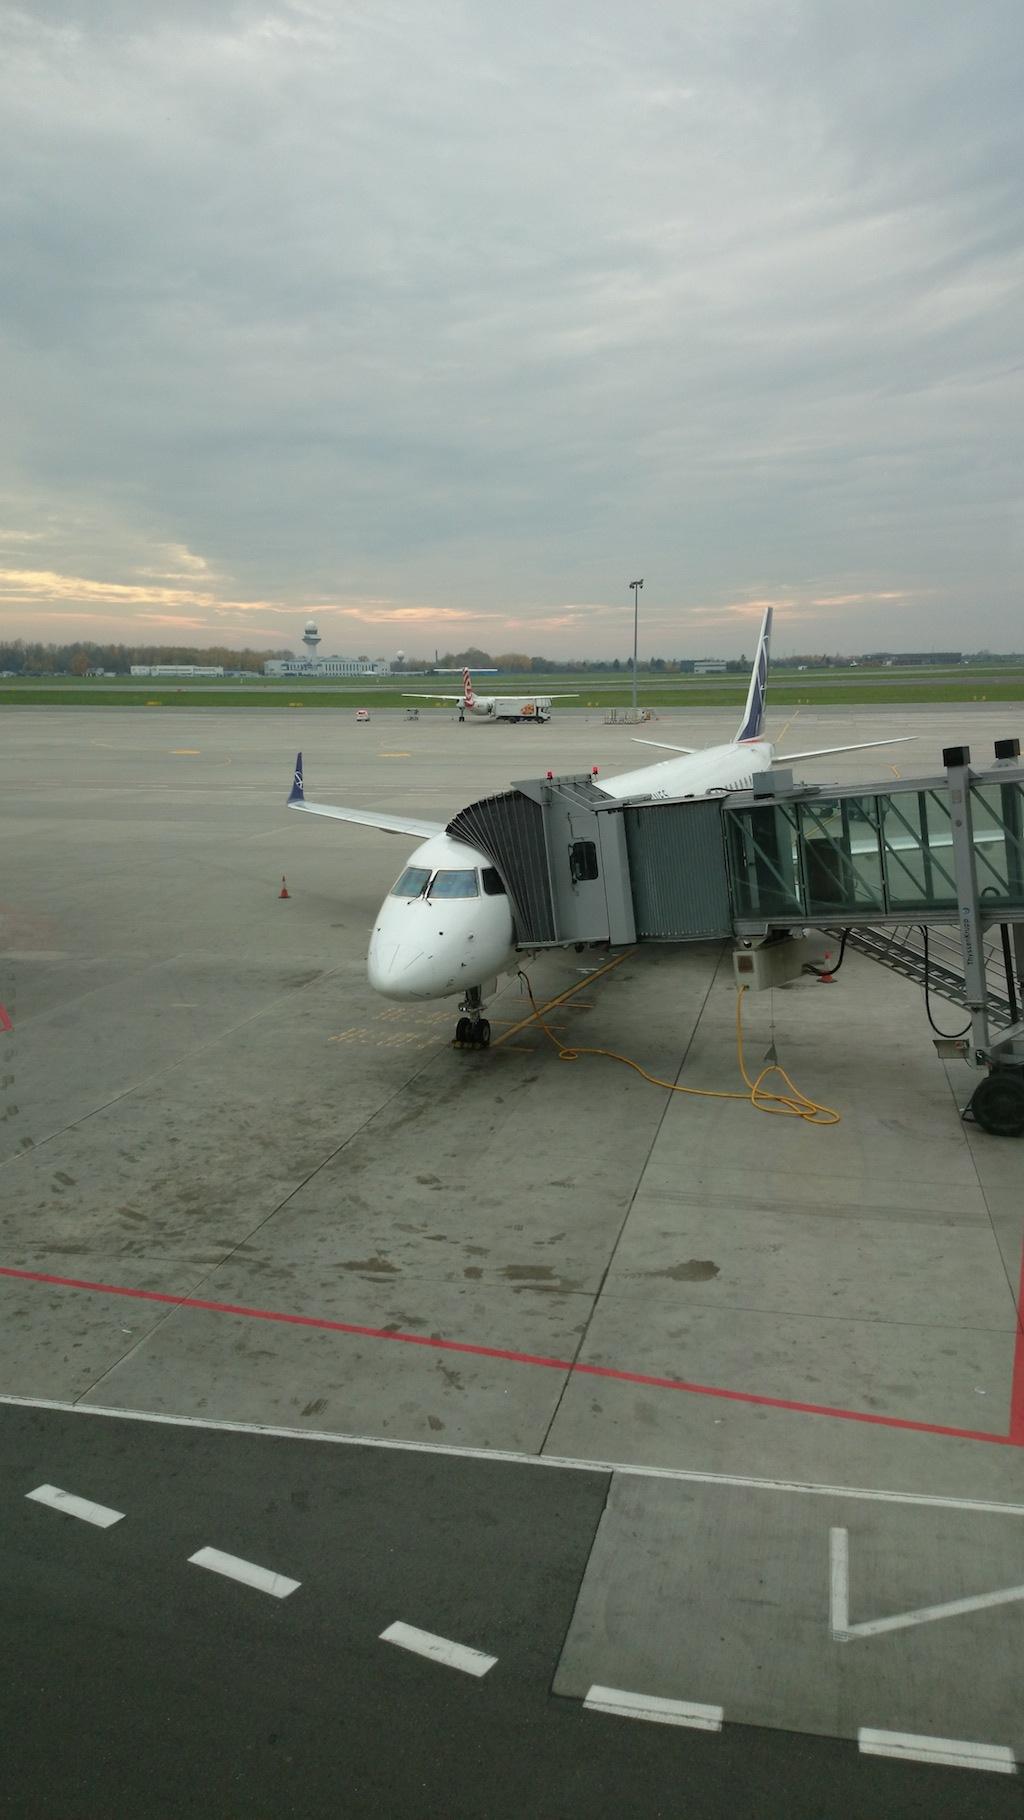 Lecimy! Paris, Paris! Ktoś z Was fajnie zauważył, że wygląda jakby samolot zjadała gąsienica